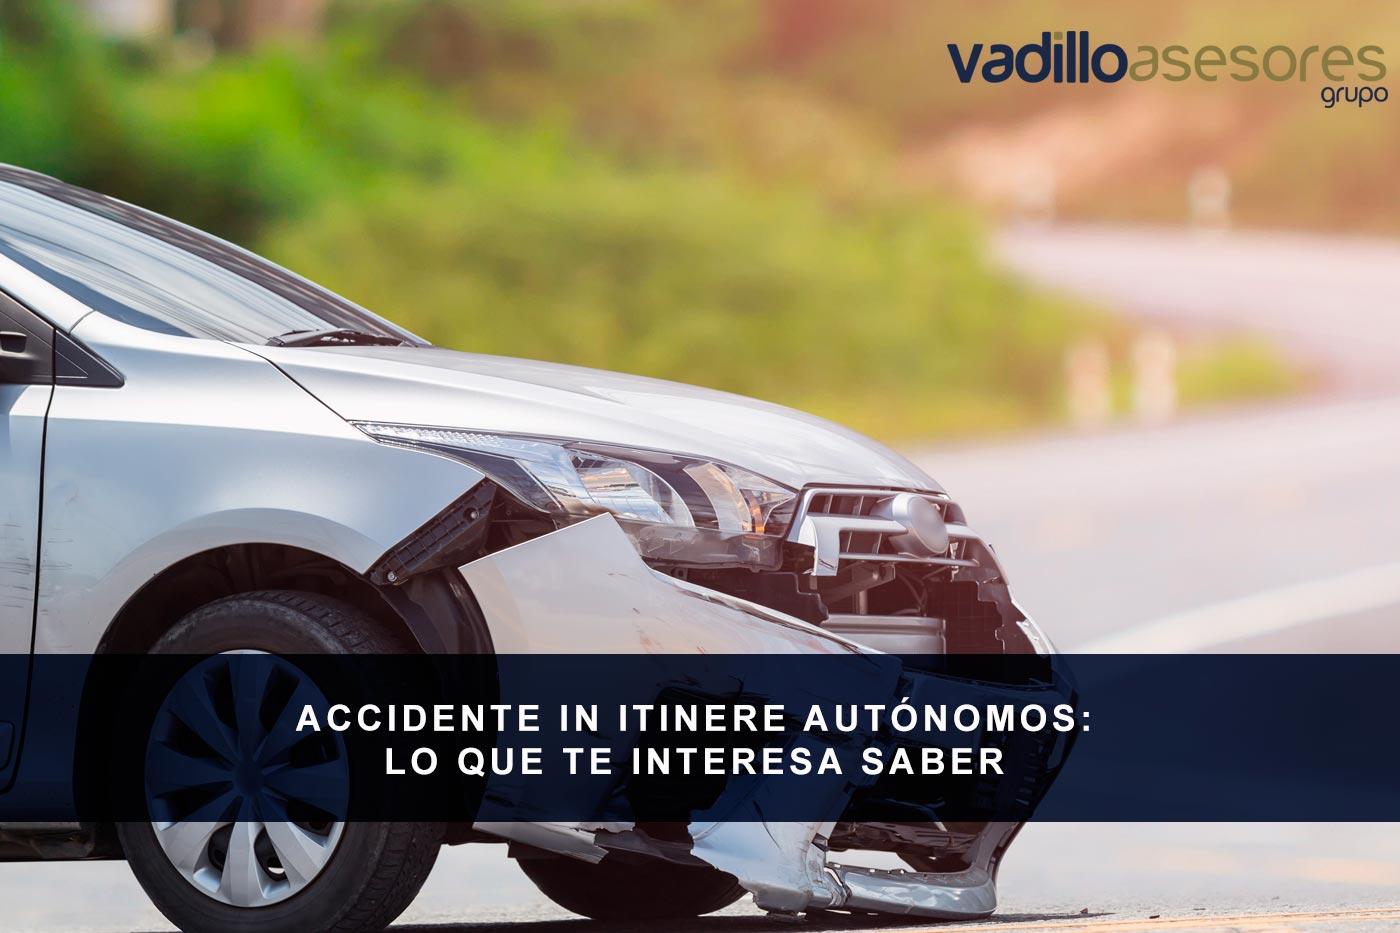 Accidente in itinere autónomos: lo que te interesa saber